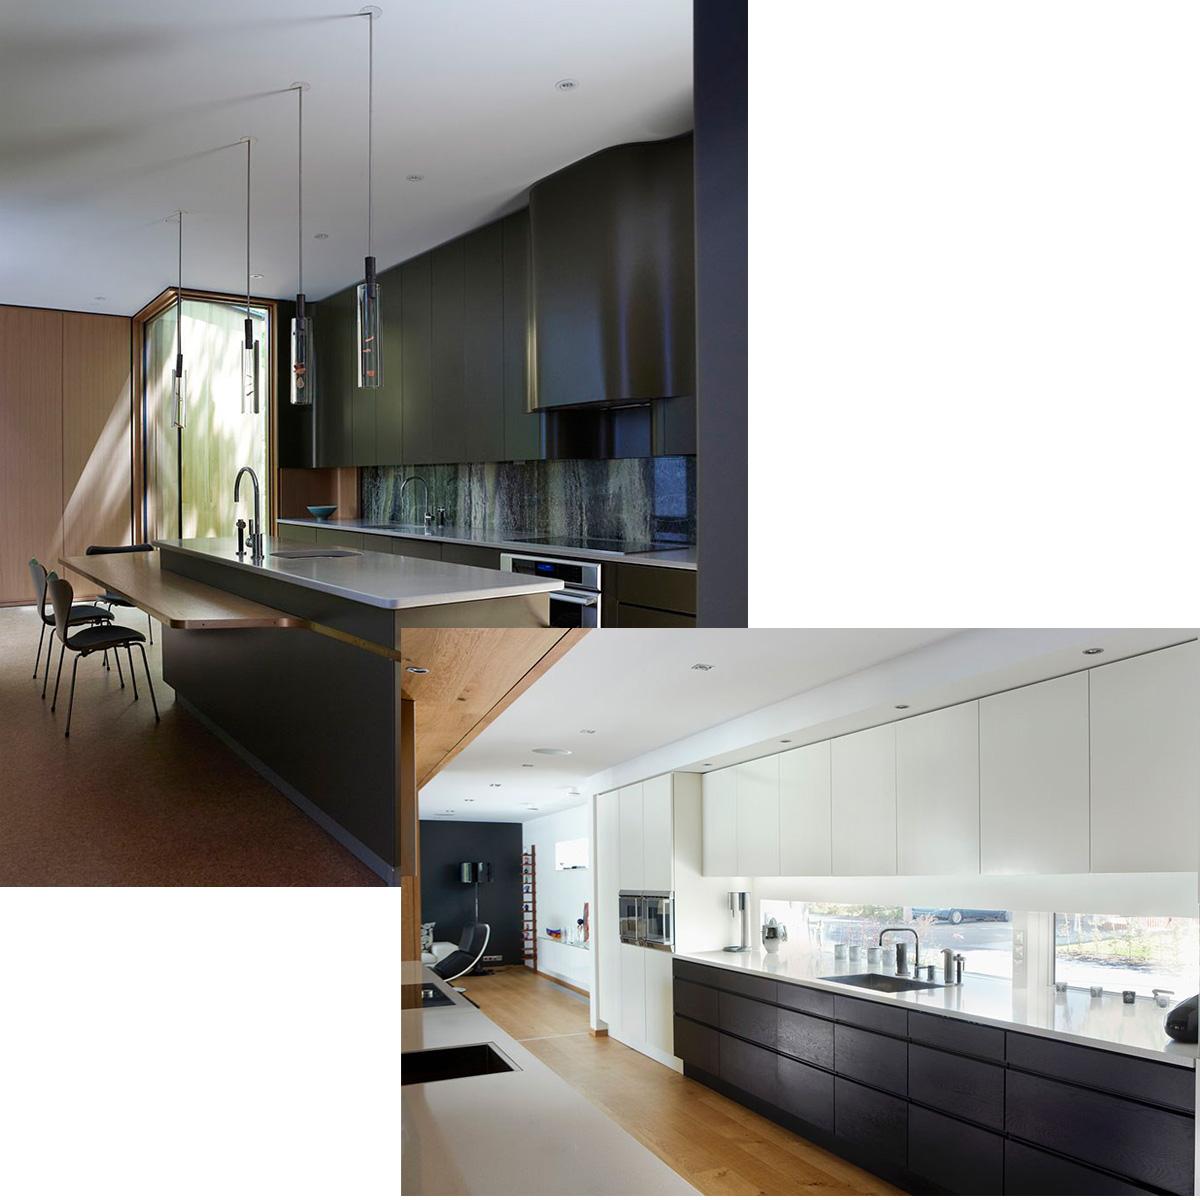 10m x 61cm m belfolie klebefolie bad k che folie. Black Bedroom Furniture Sets. Home Design Ideas